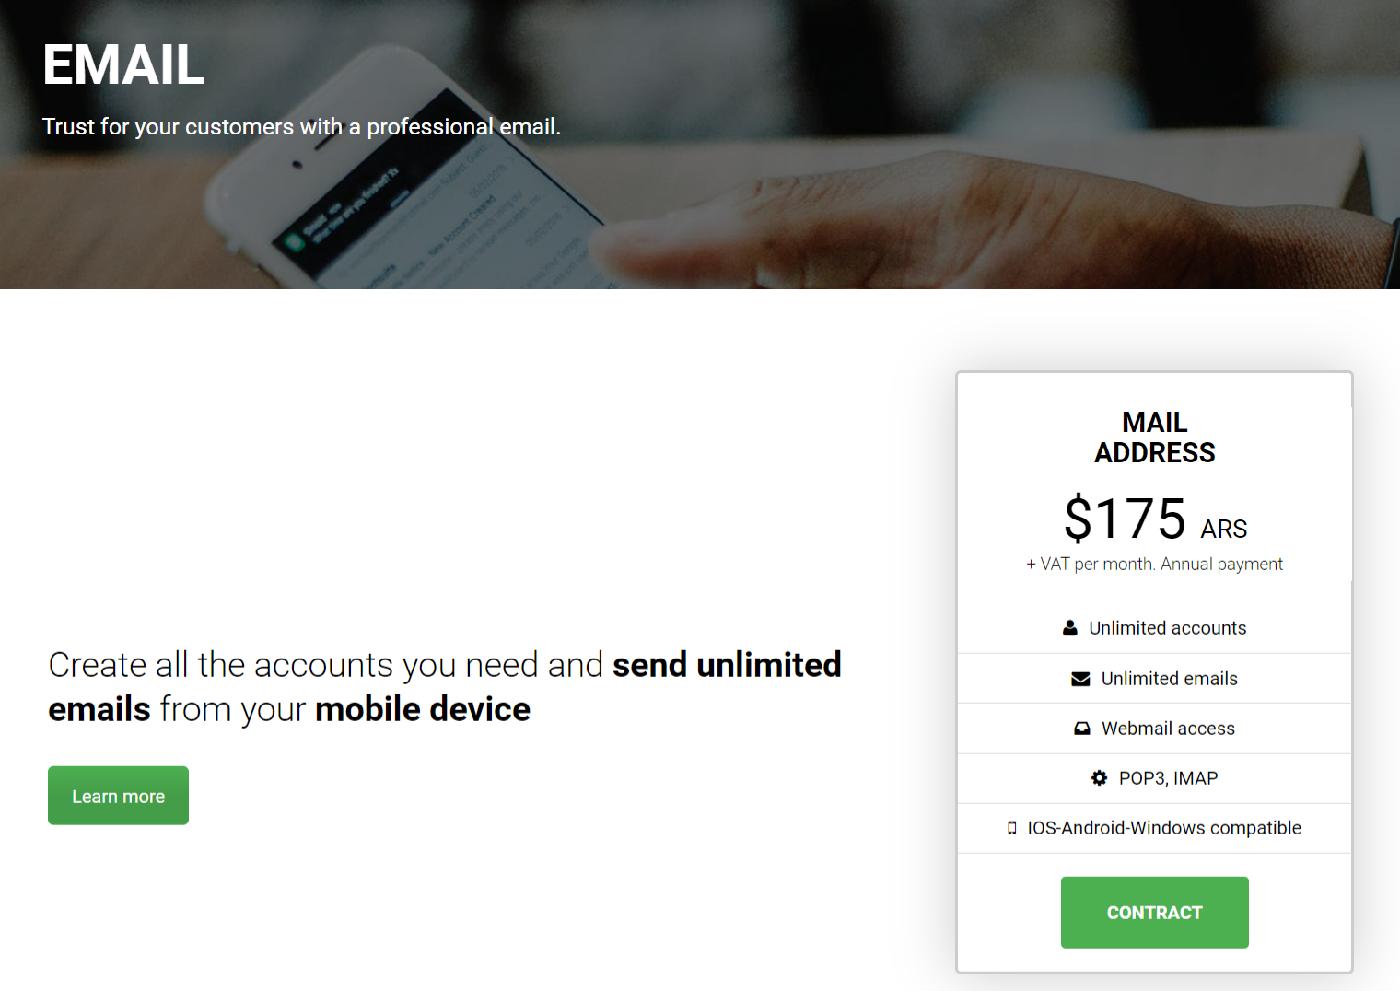 Para facilitarles el accesodefinió una nueva URL fácil de recordar, ahora accedes a través de mail.elserver.com o mail, tudominio.com